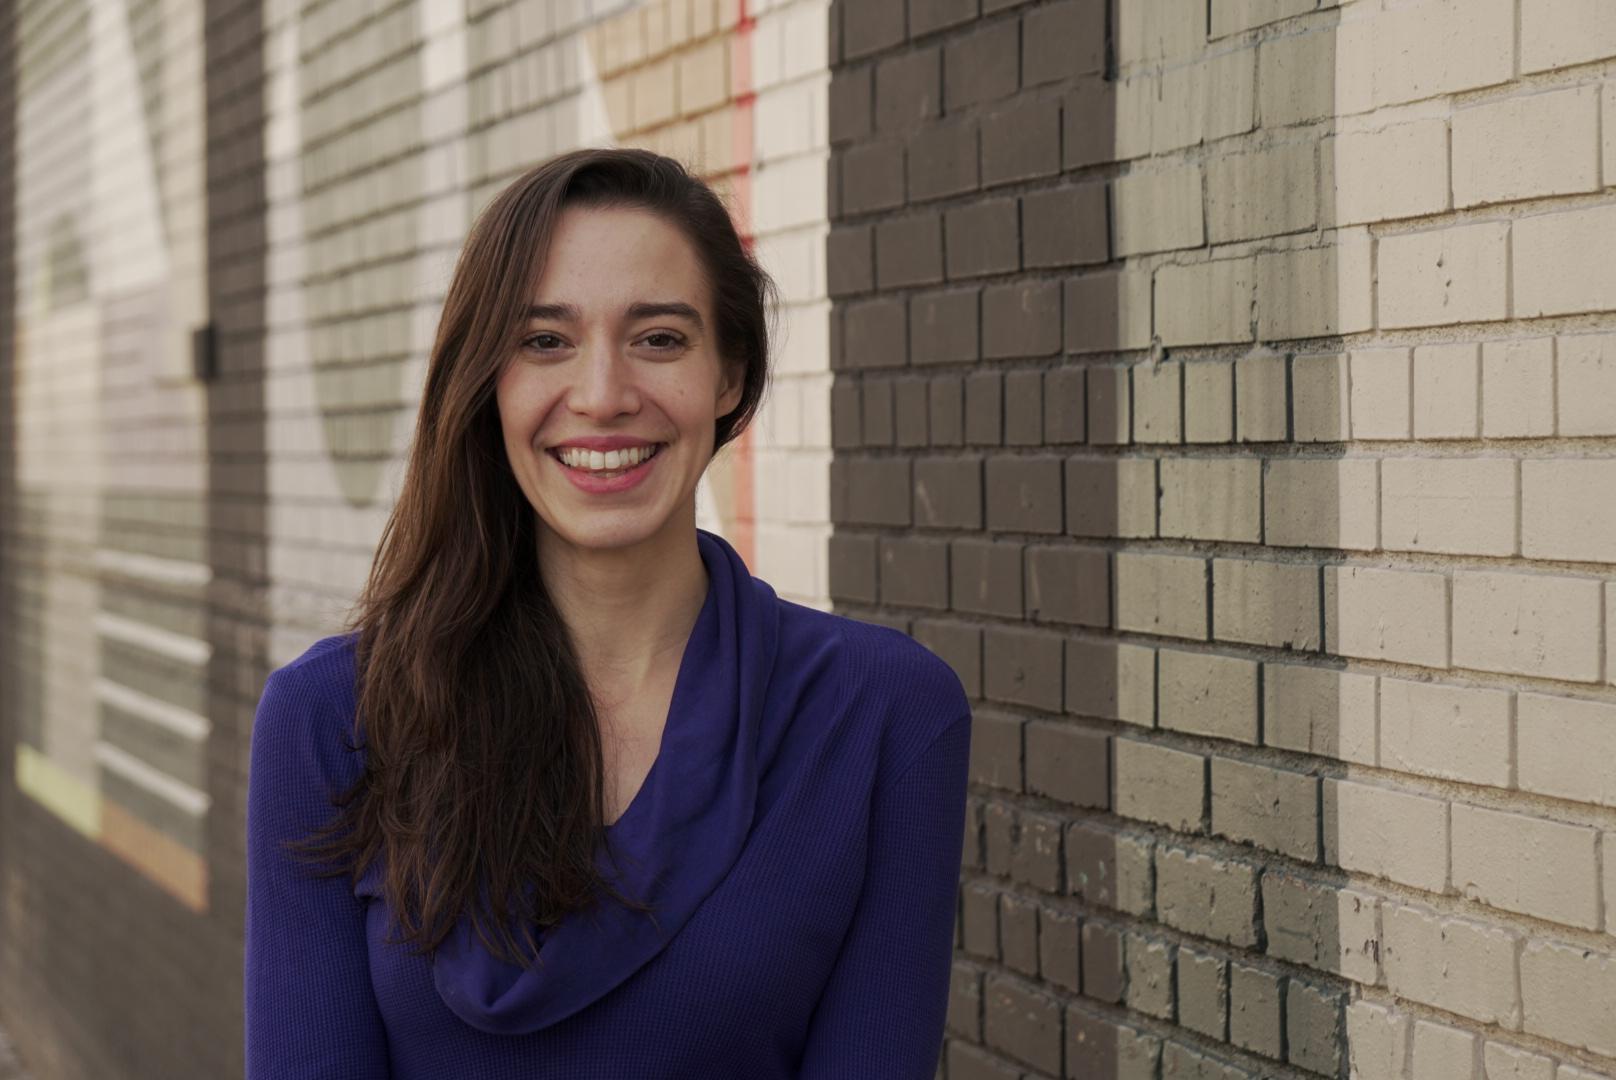 Christina Ermilio